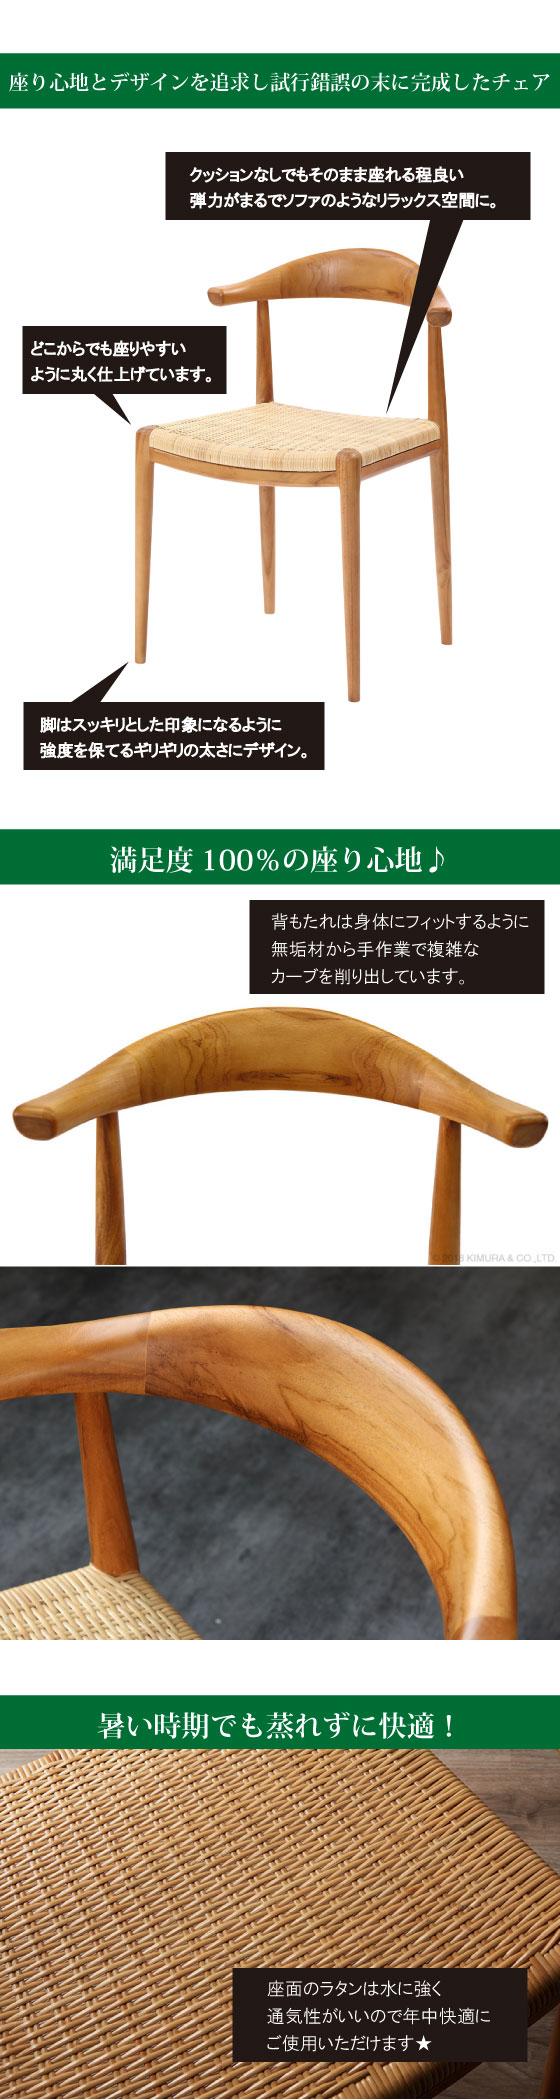 天然木チーク無垢材&ラタン製・デザイナーズチェア(完成品)